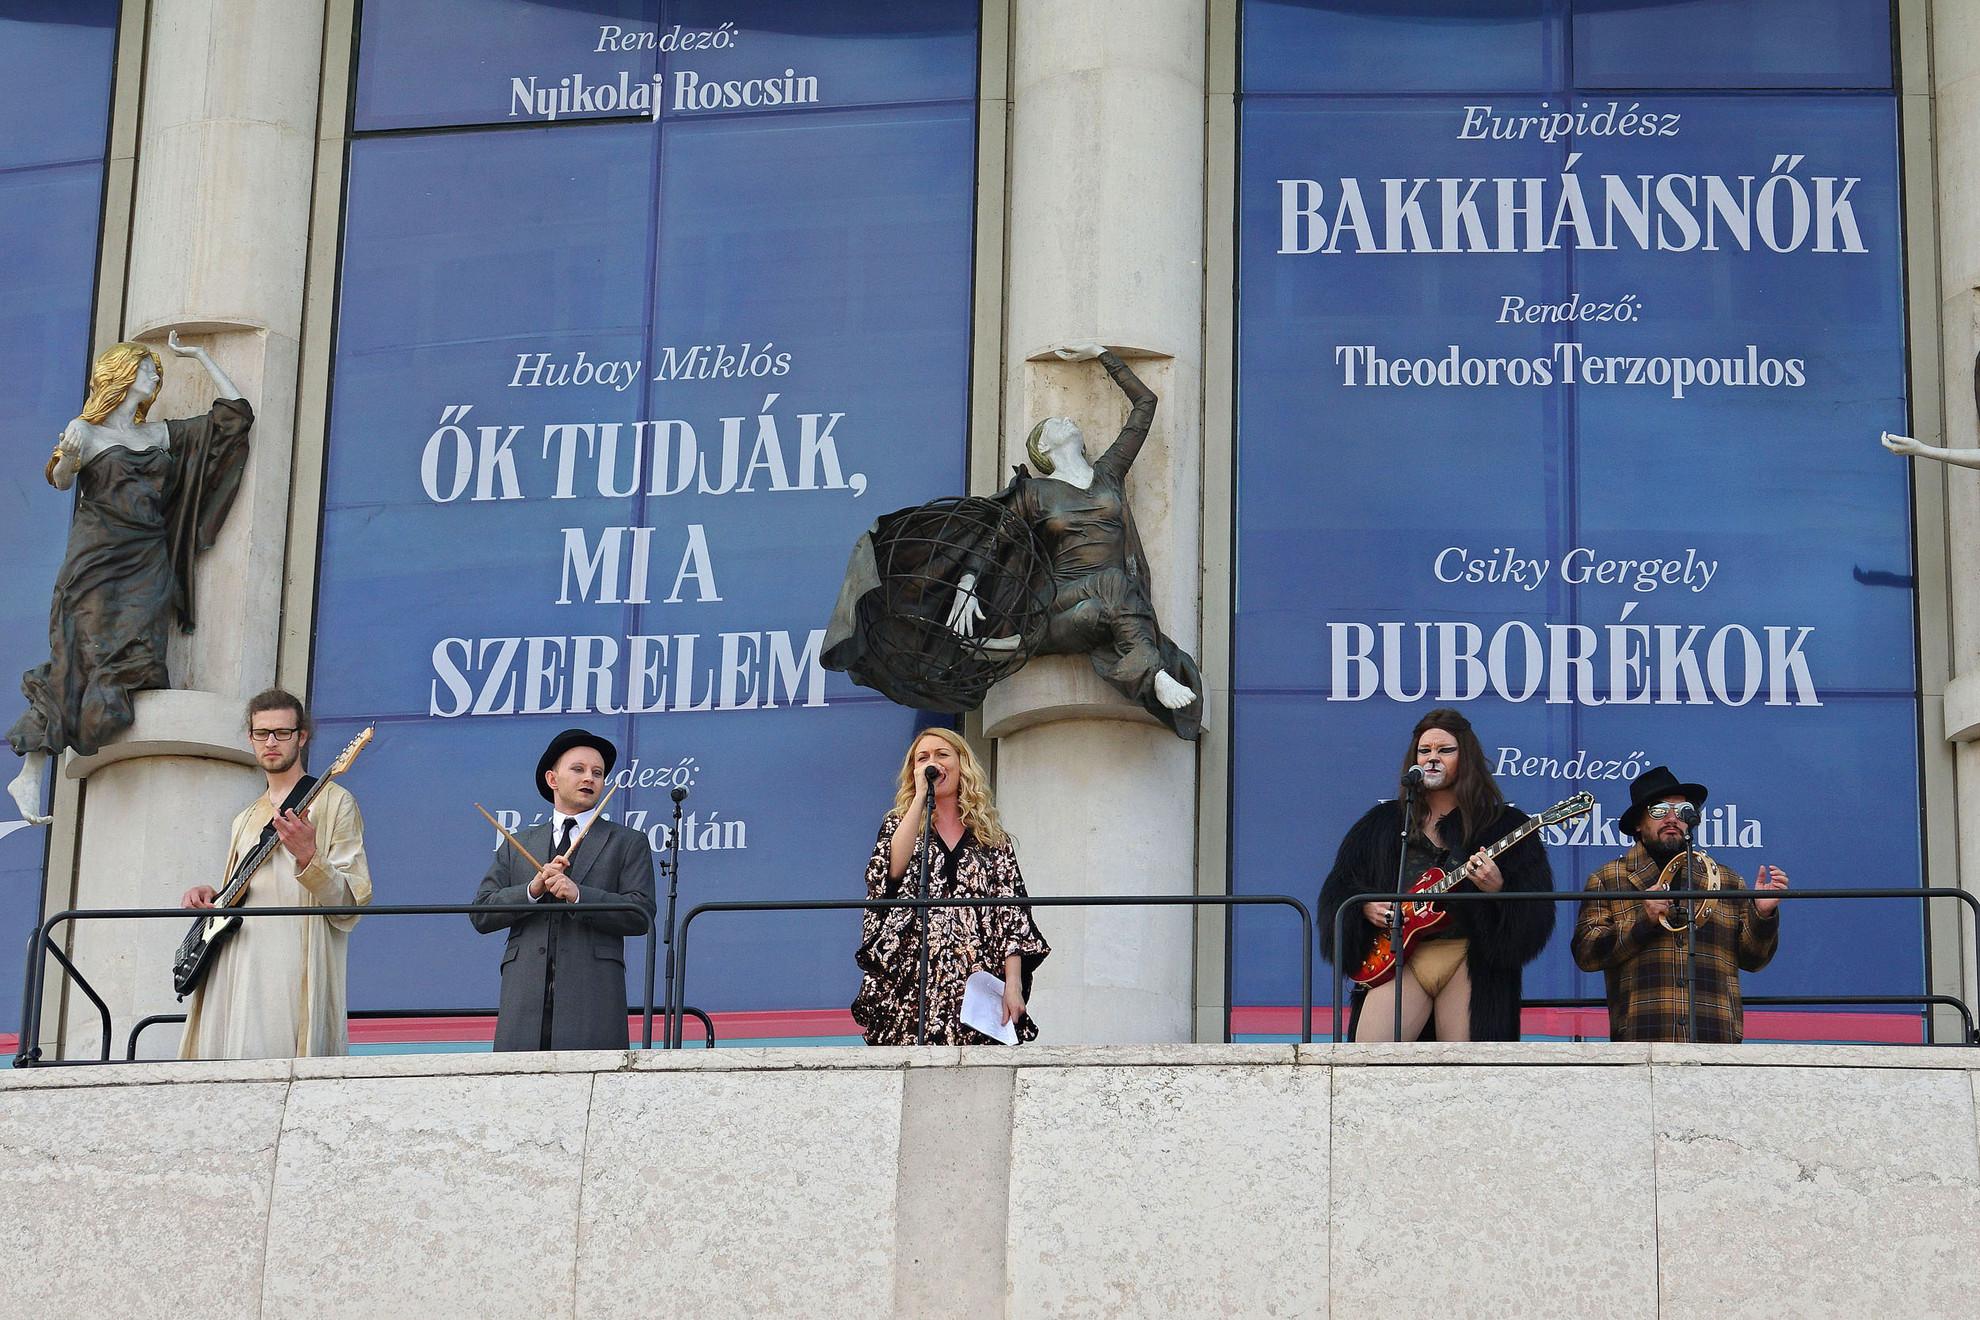 A Mester és Margarita lesz a teátrum első bemutatója az új évadban, amelyből egy zenés részletet mutattak be a sajtótájékoztatón